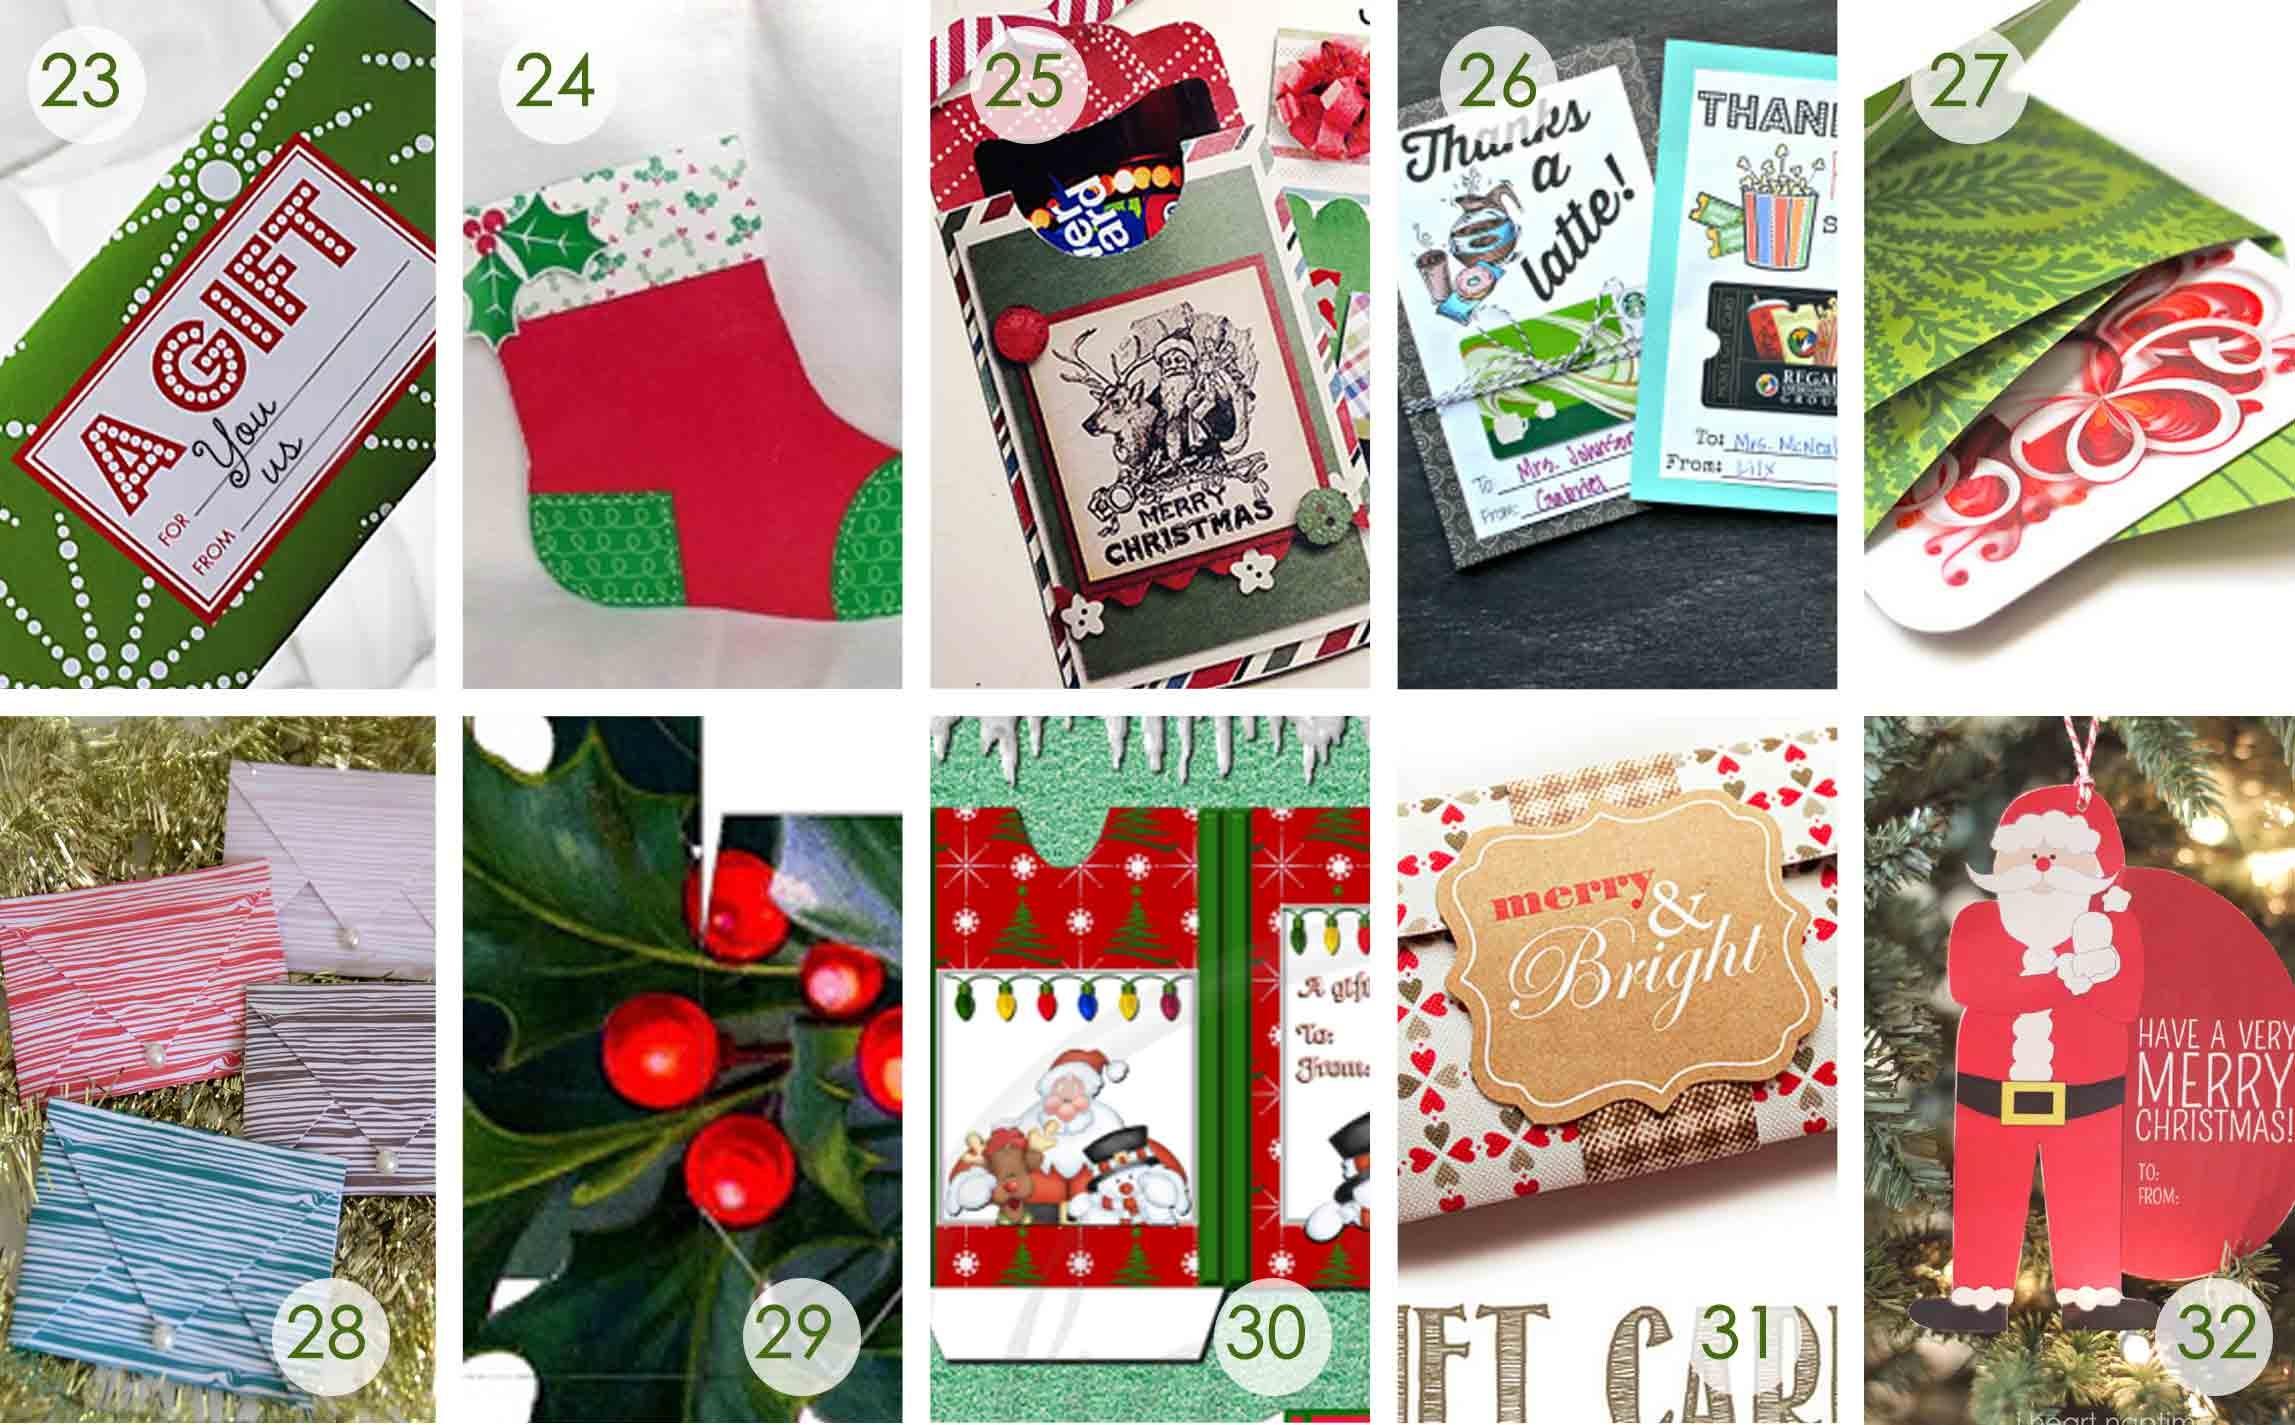 Over 50 Printable Gift Card Holders For The Holidays | Gcg - Free Printable Christmas Money Holders